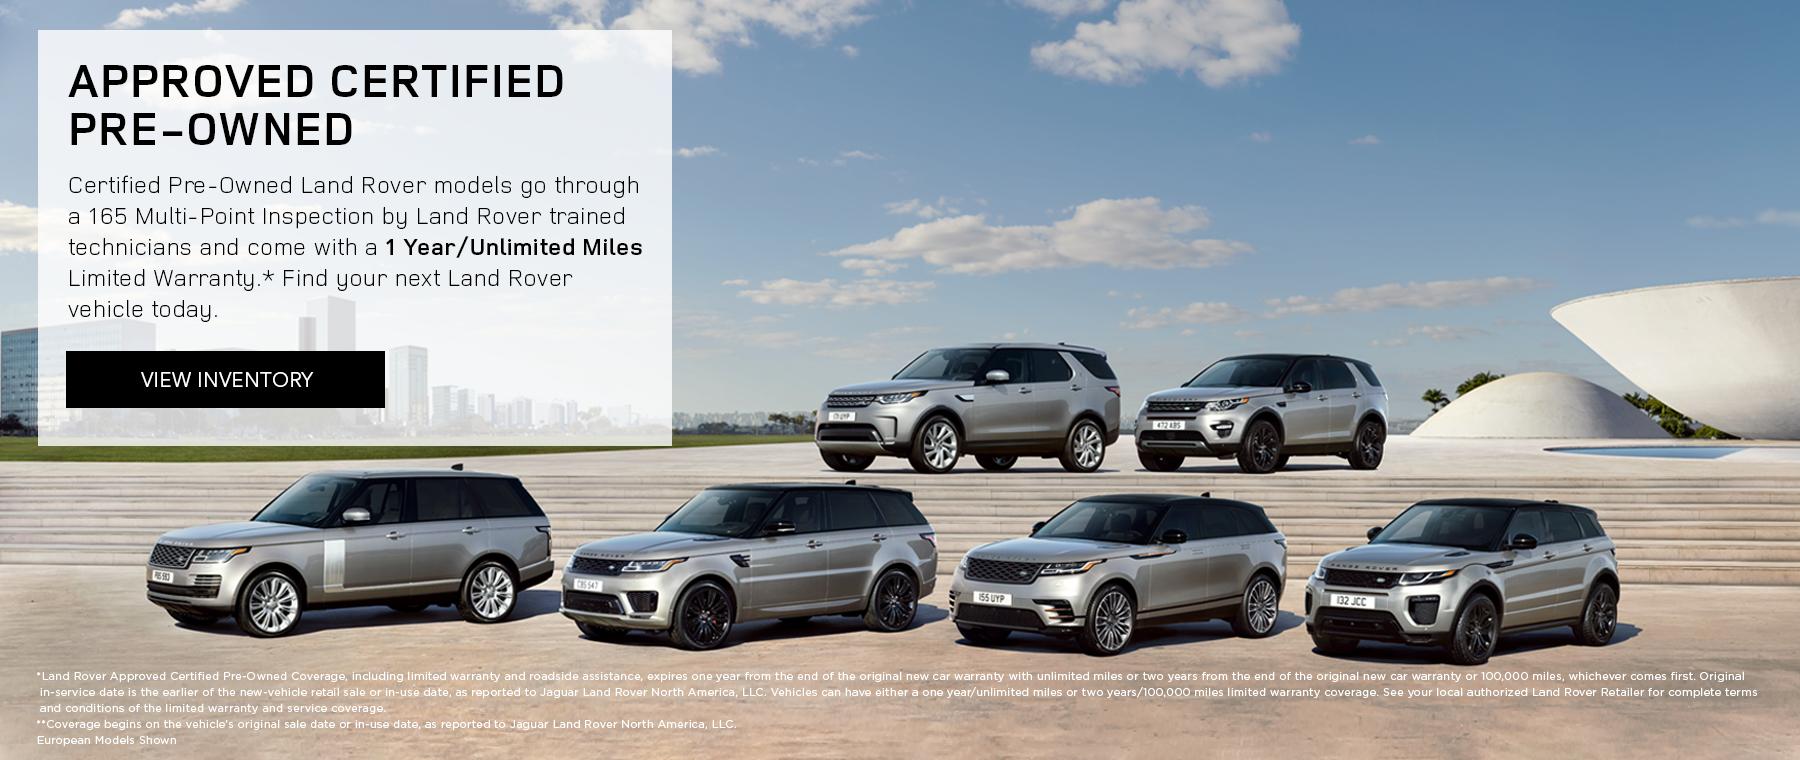 Land Rover model range in front of city landscape